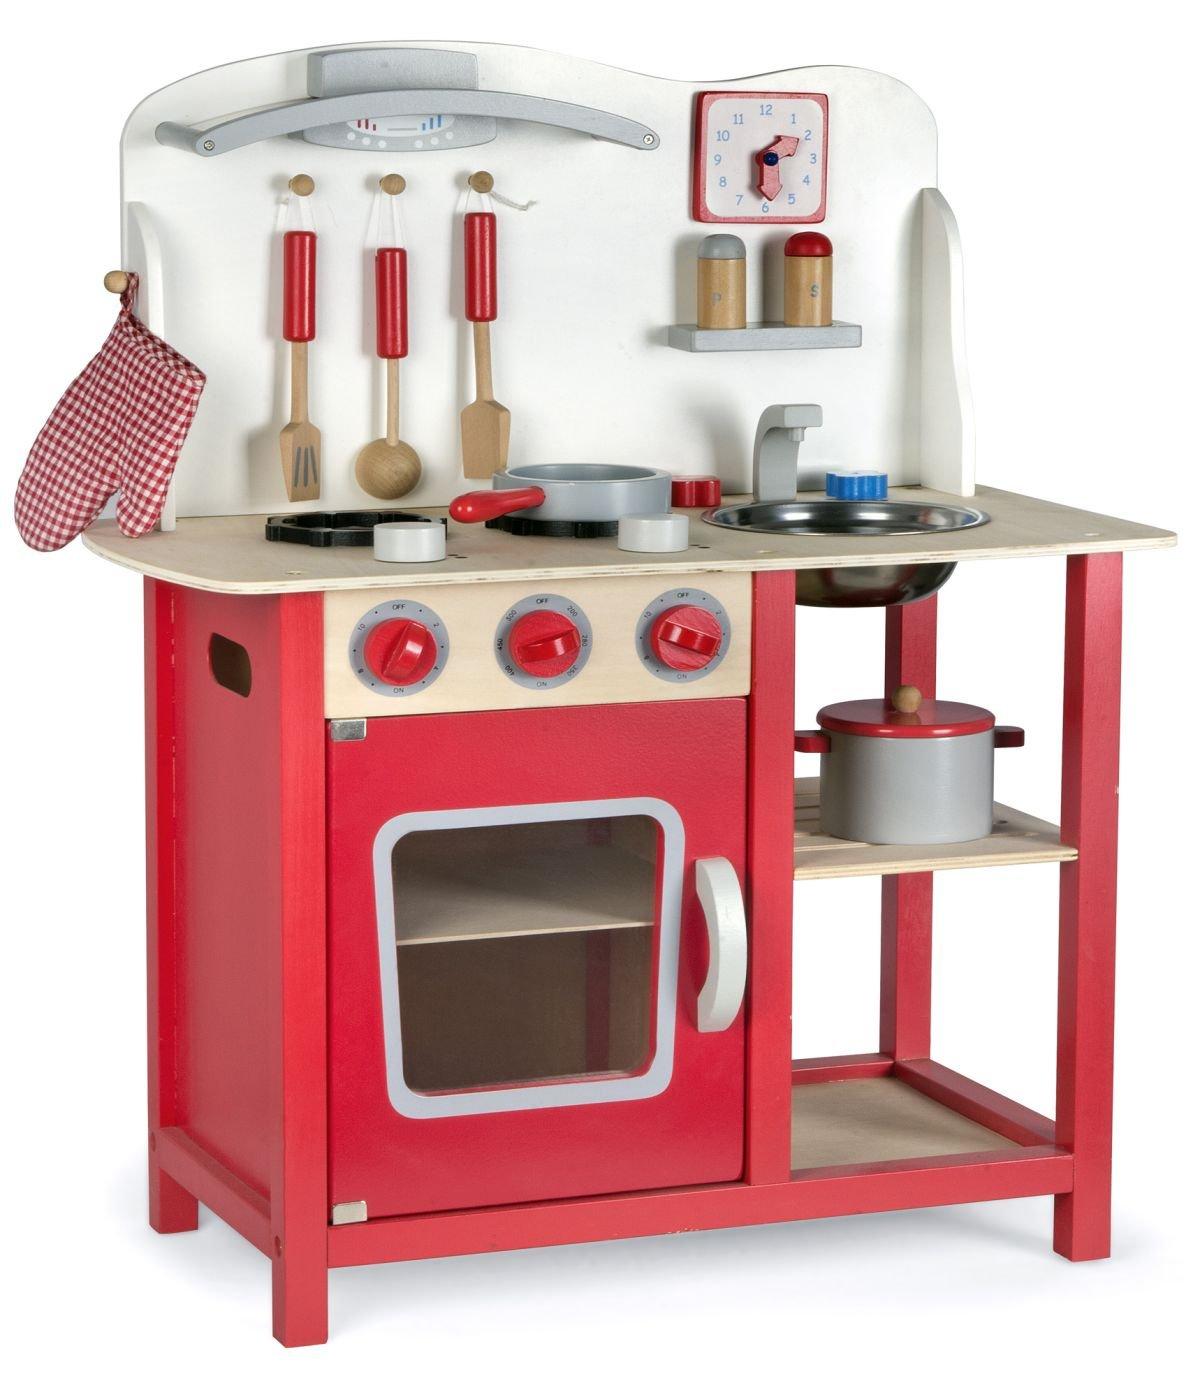 Cucina per bambini 5 cucine giocattolo da comprare online la vita di una mamma il blog per - Cucine giocattolo ikea ...